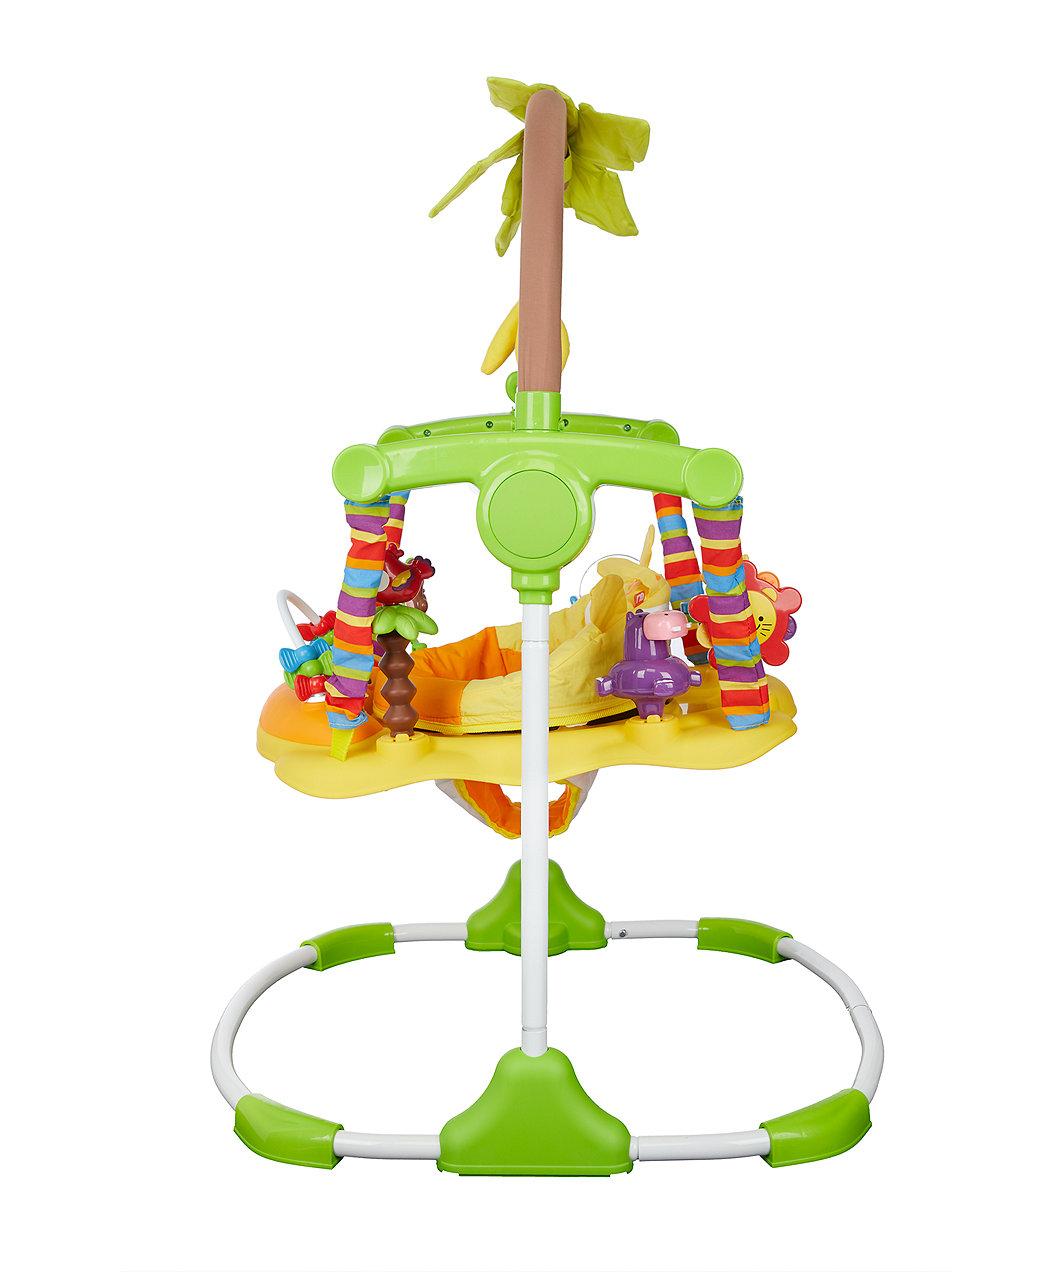 6340743765e8 Mothercare Jumping Giraffe Entertainer